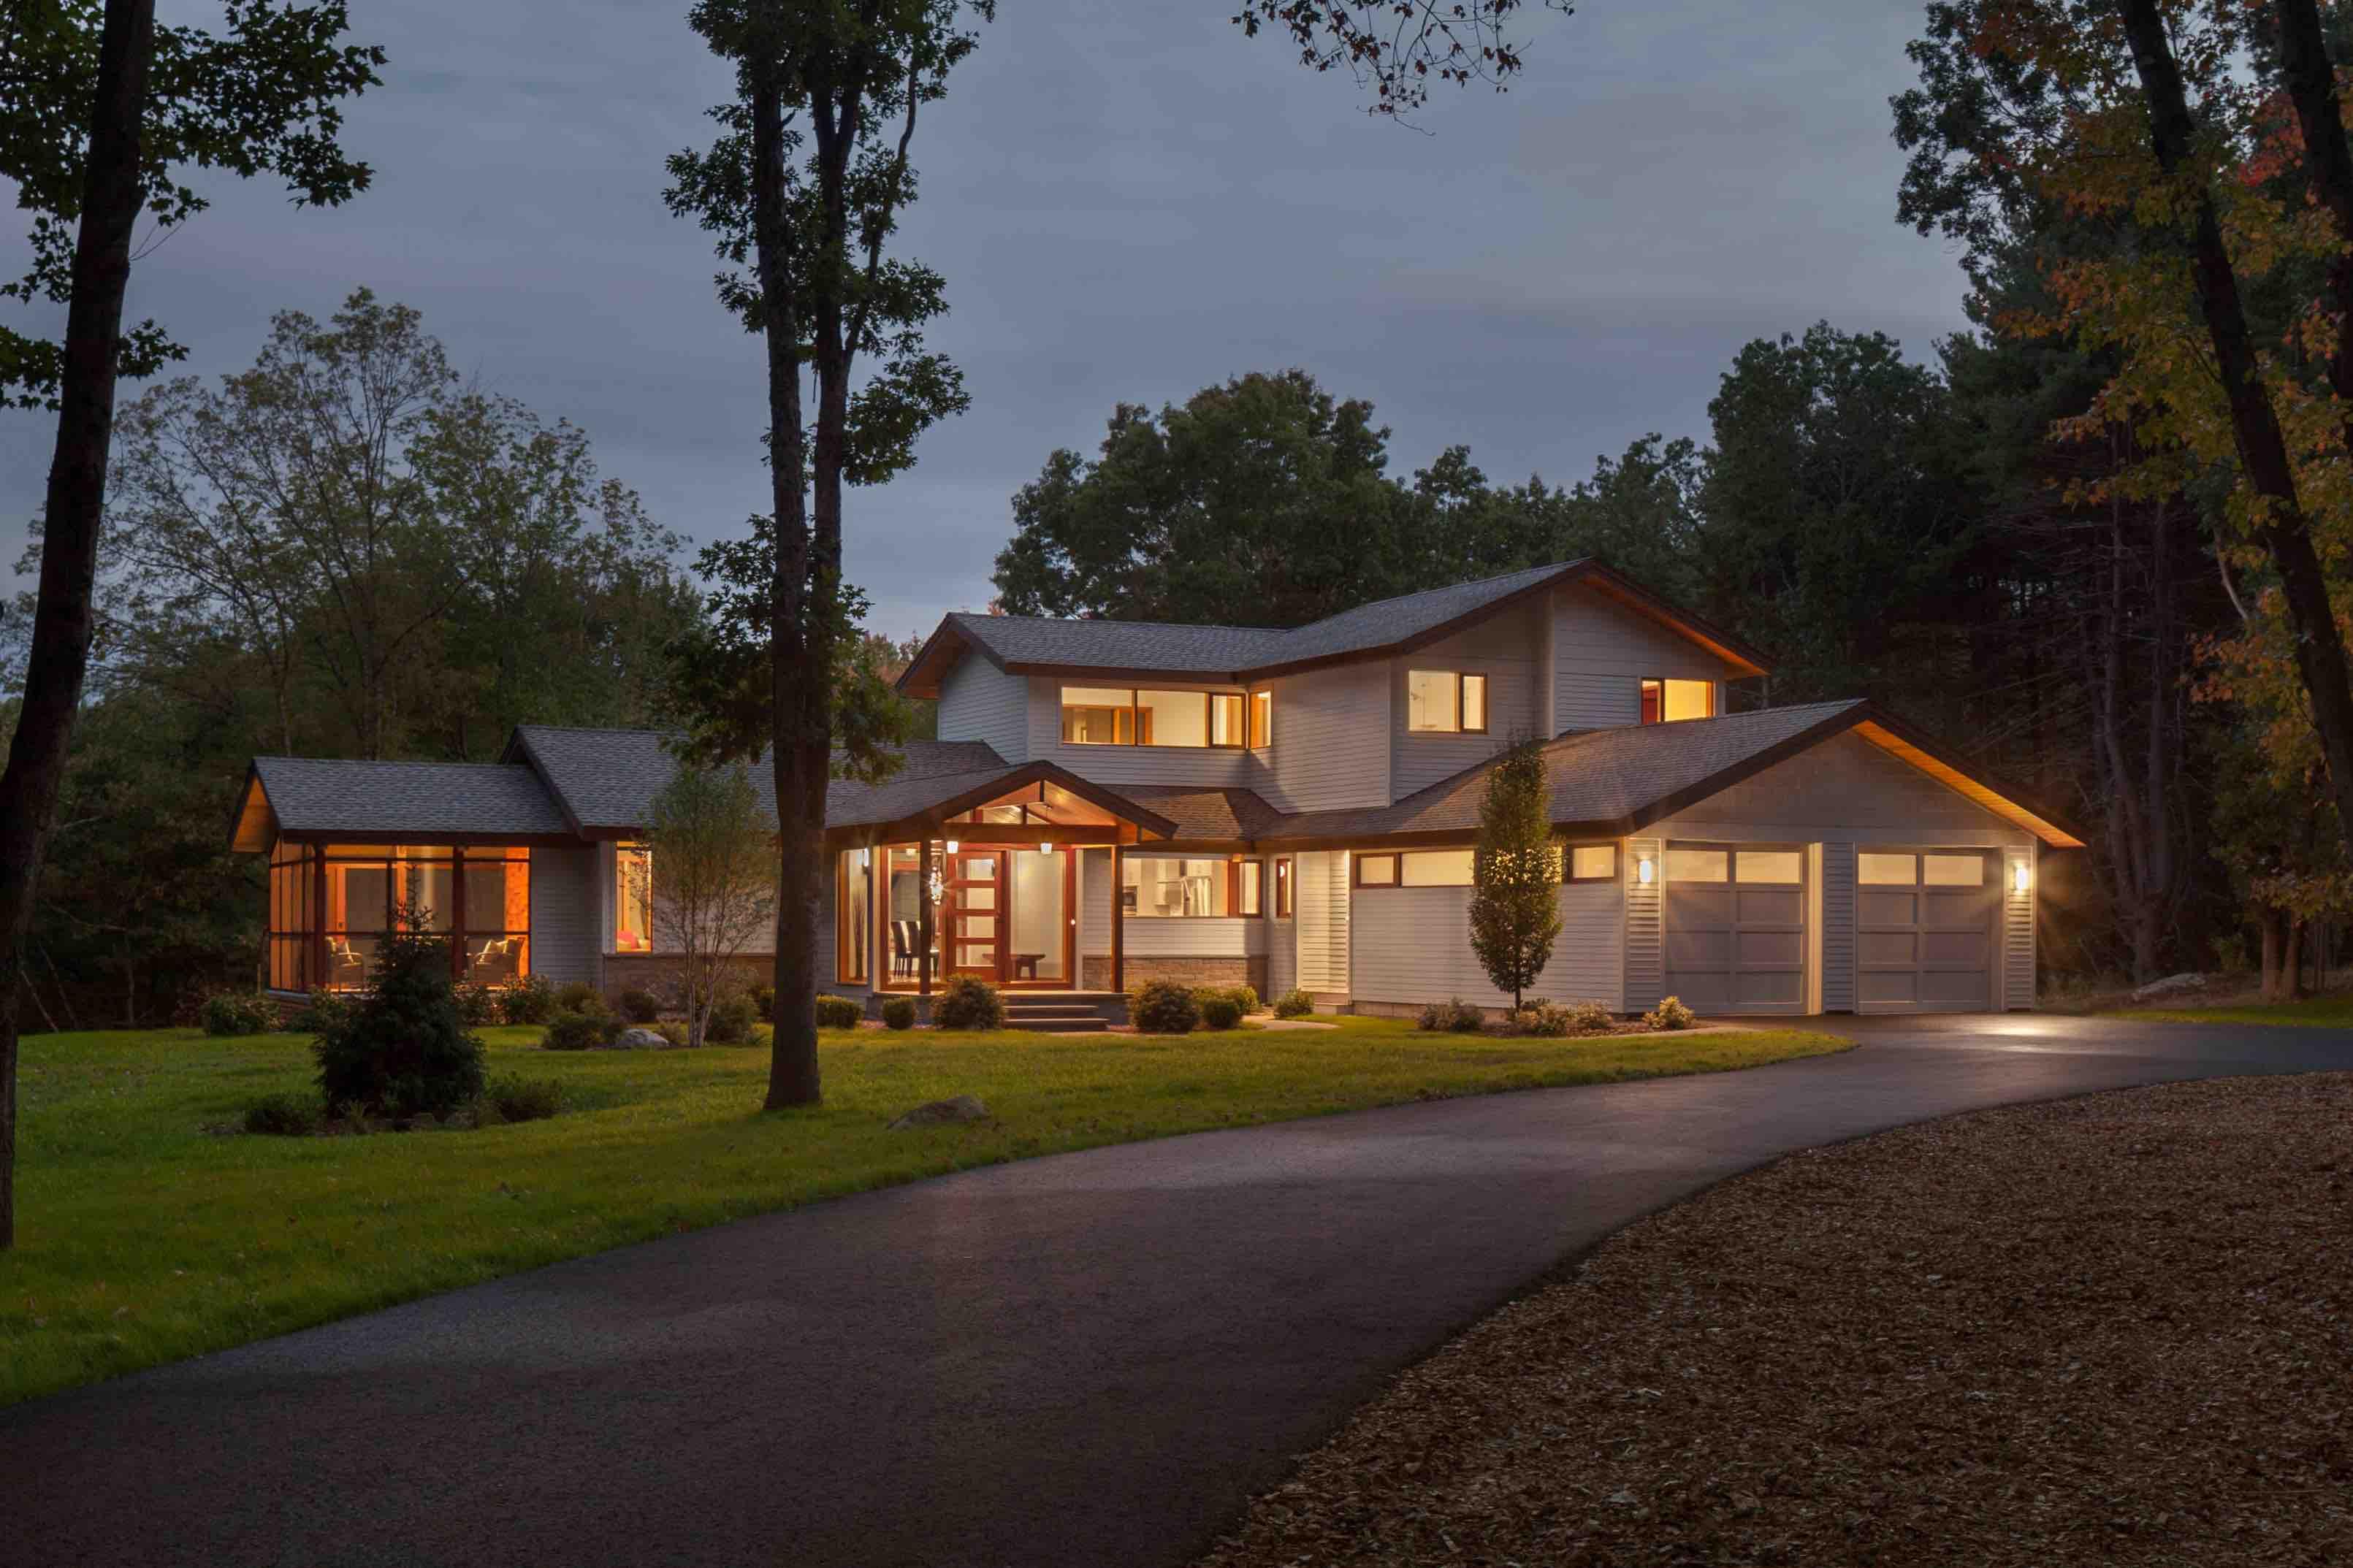 Acorn deck house designs for Acorn house designs